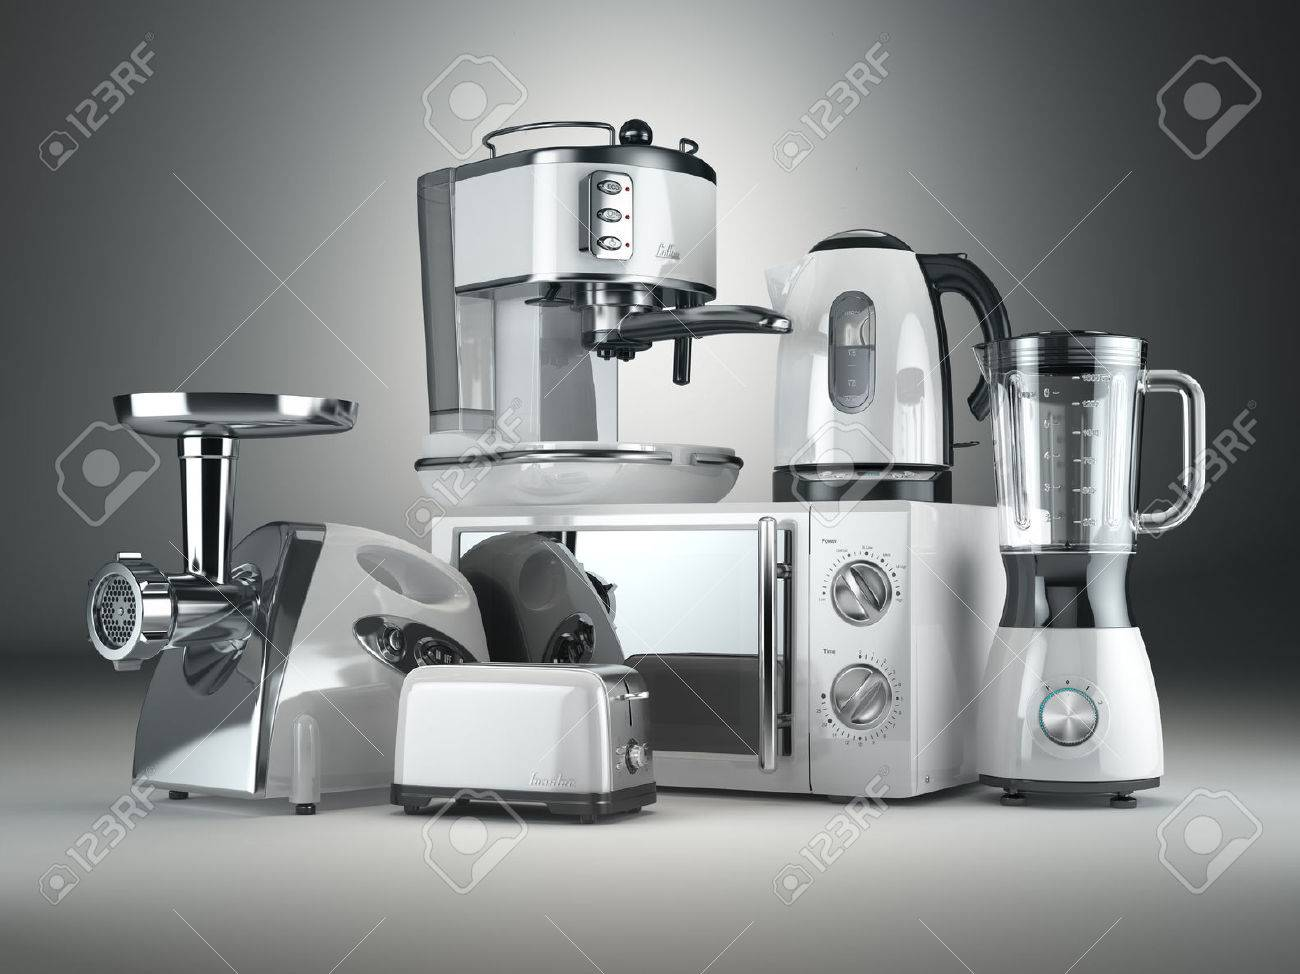 Immagini Stock - Elettrodomestici Da Cucina. Frullatore, Tostapane ...